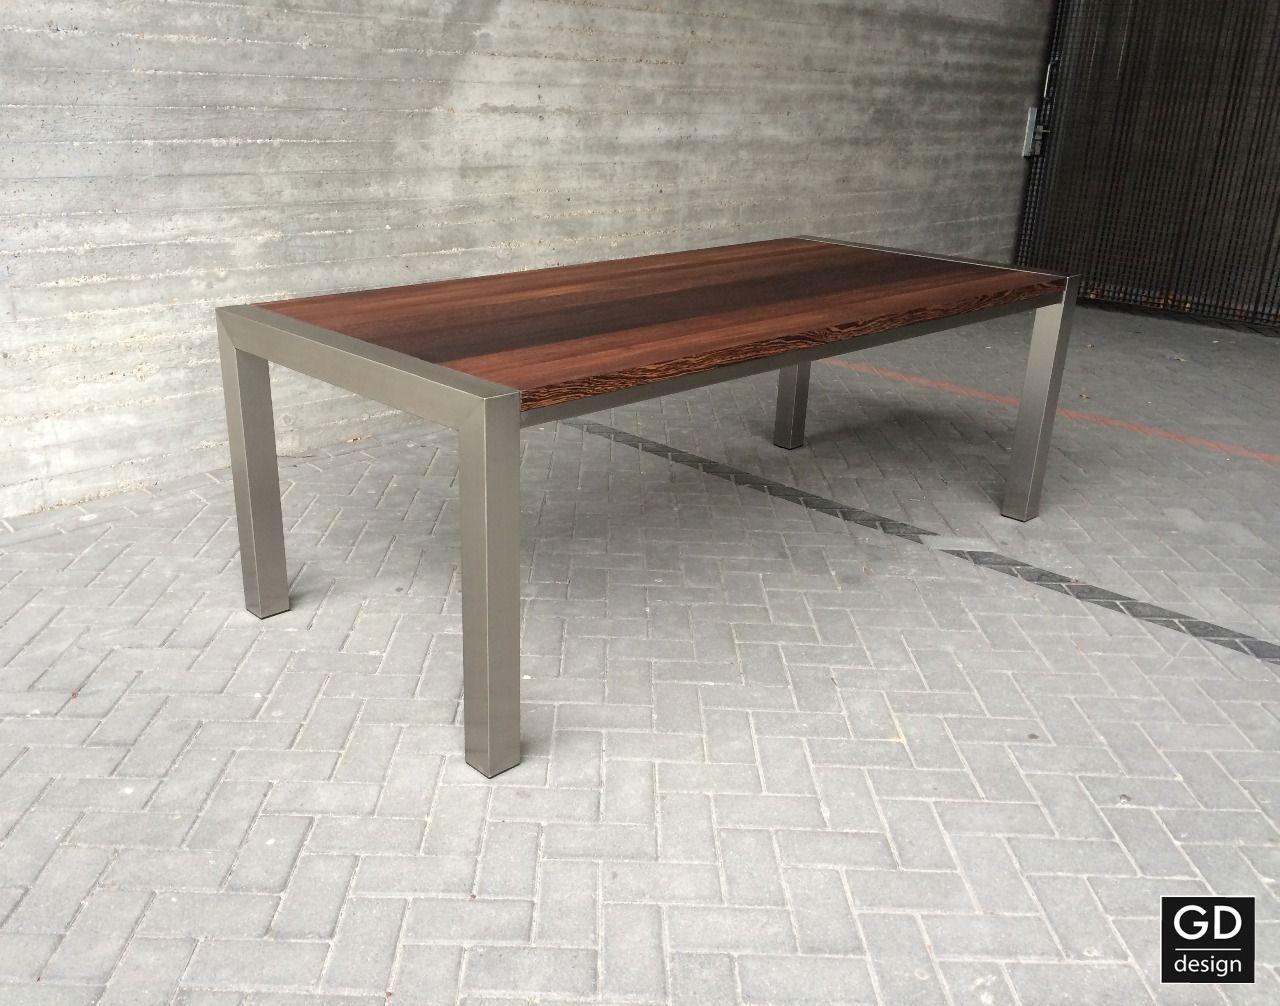 Eetkamer Tafel Wenge.Roestvrij Stalen Design Tafel Model Milano Met Massief Wenge